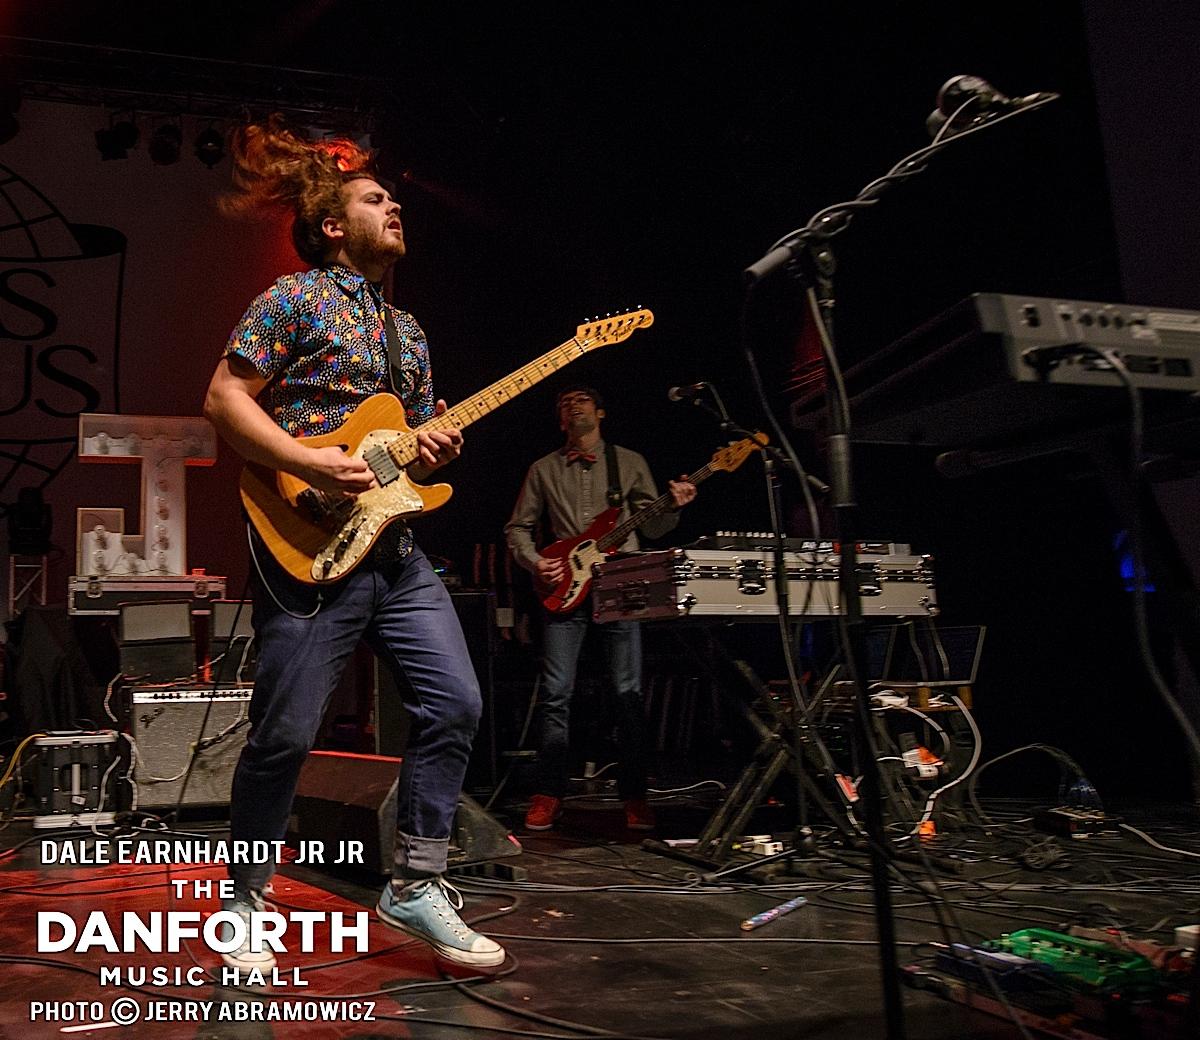 20131004 Dale Earnhardt Jr Jr at The Danforth Music Hall Toronto 0094